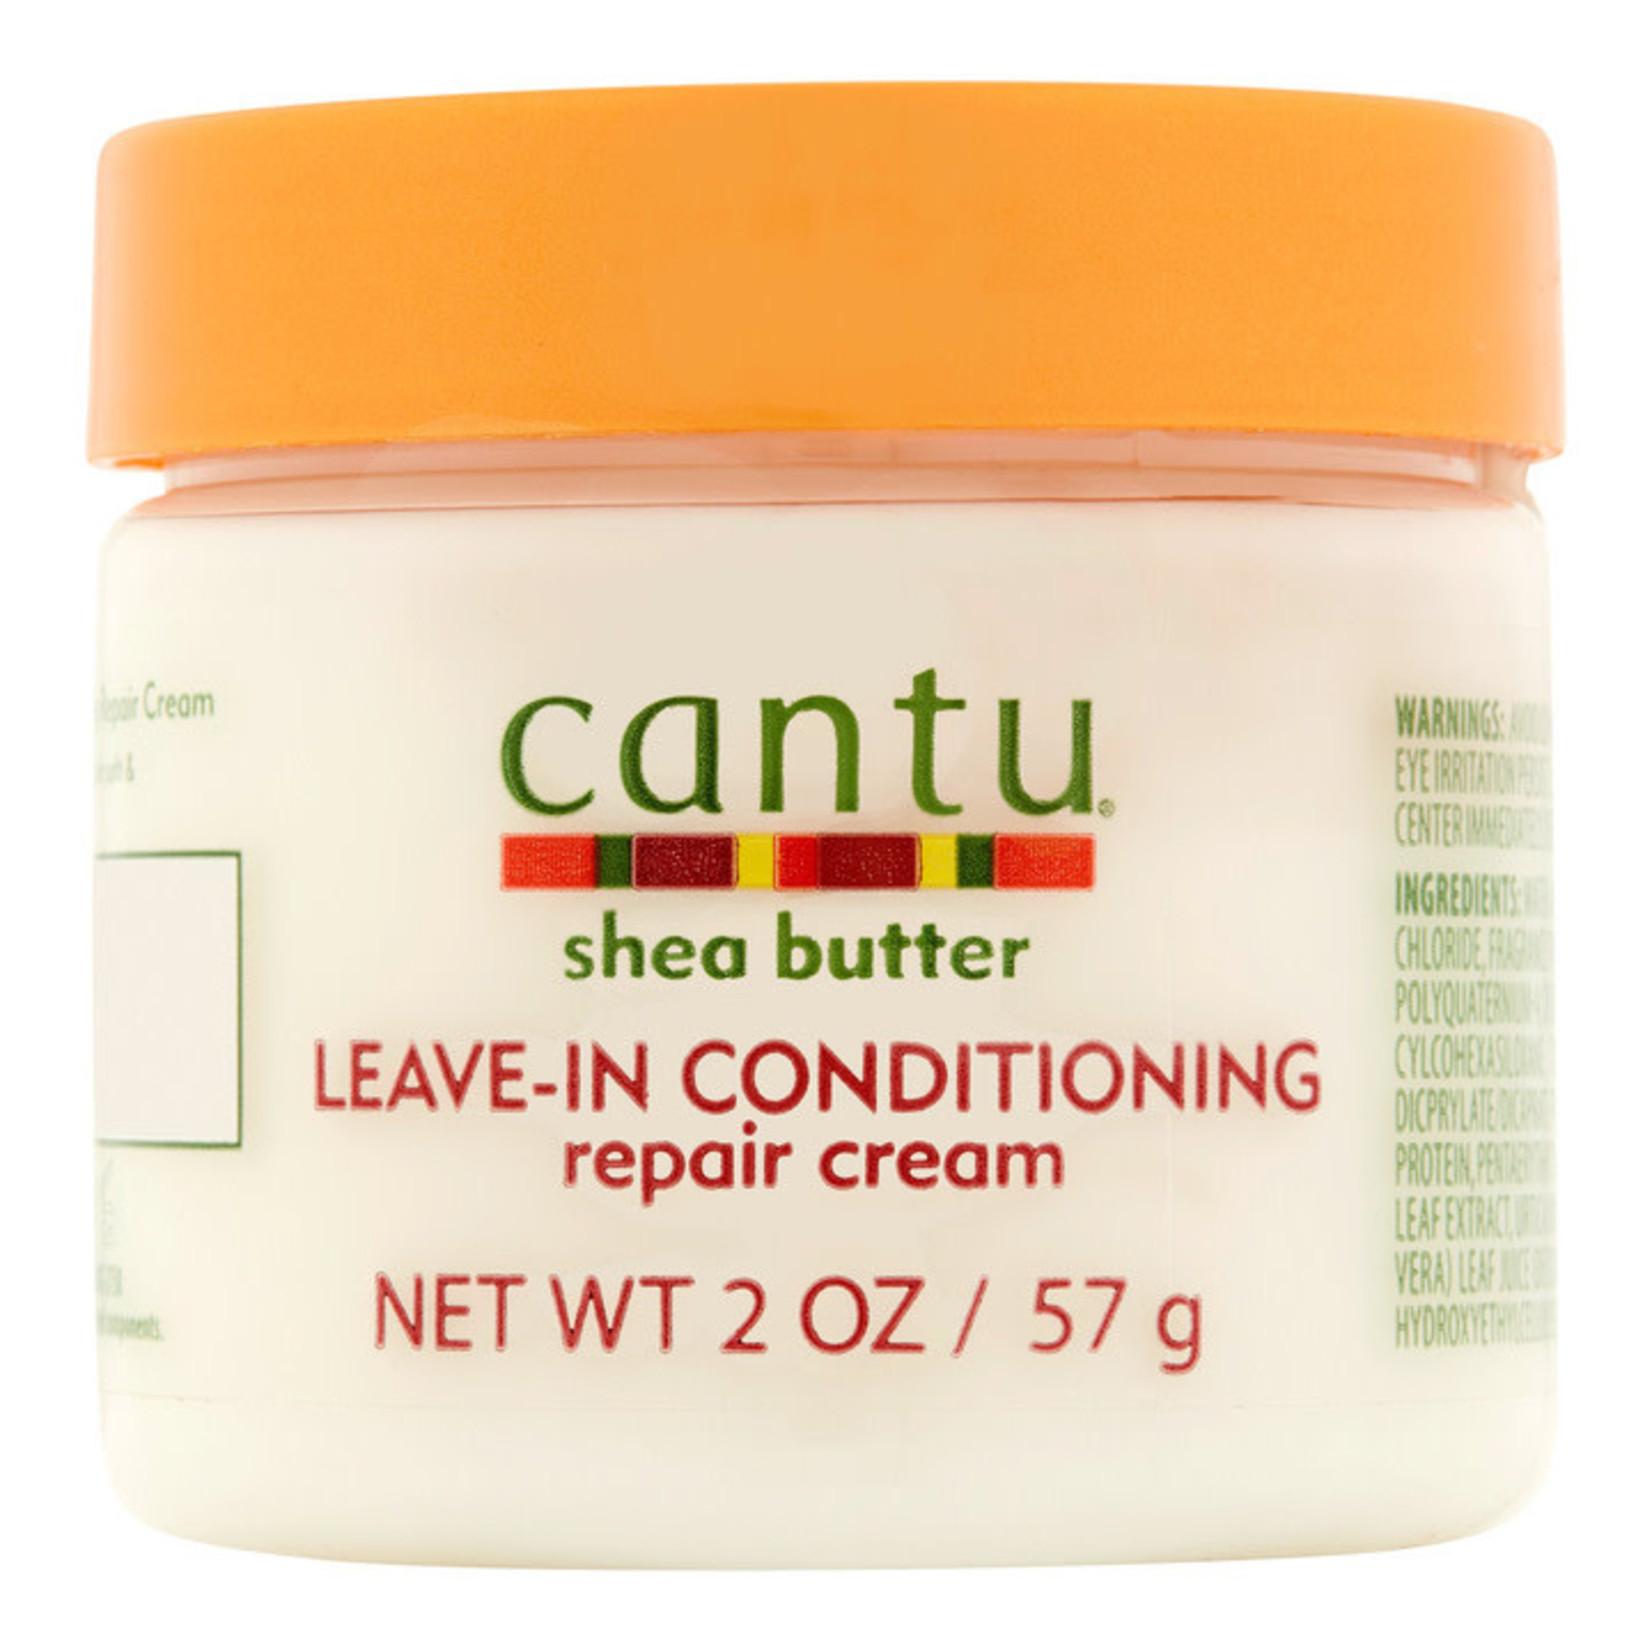 CANTU CANTU SHEA BUTTER LEAVE-IN CONDITIONING  REPAIR CREAM [2OZ]